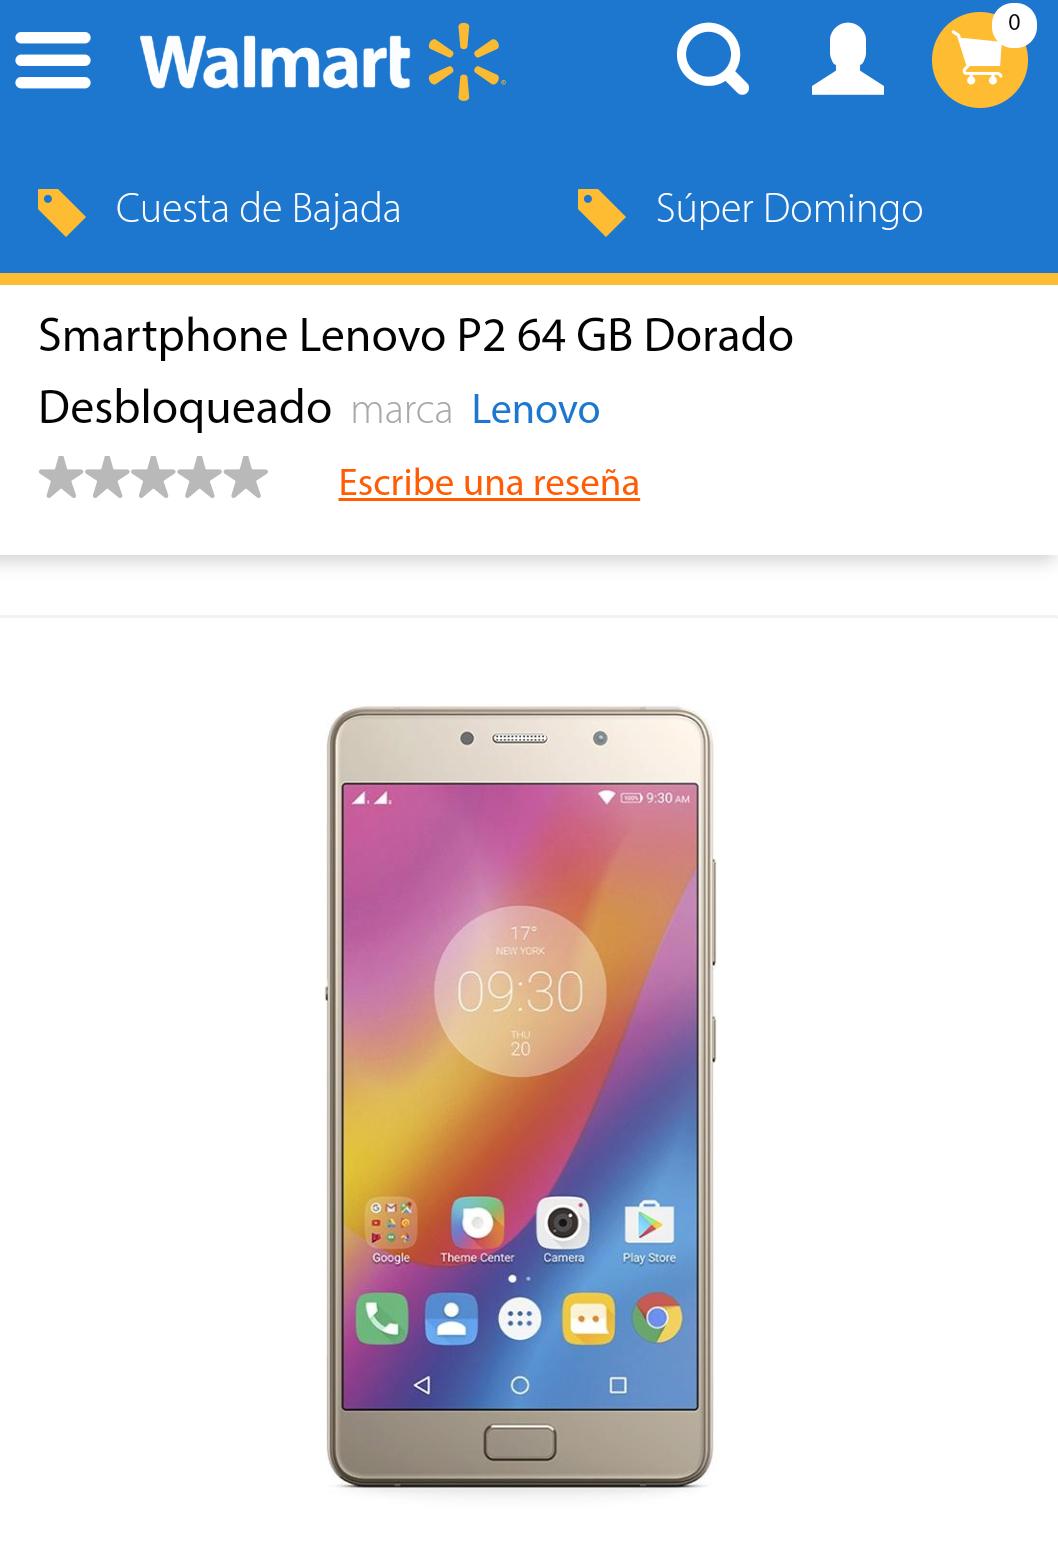 Walmart: Lenovo P2 64GB Dorado Desbloqueado